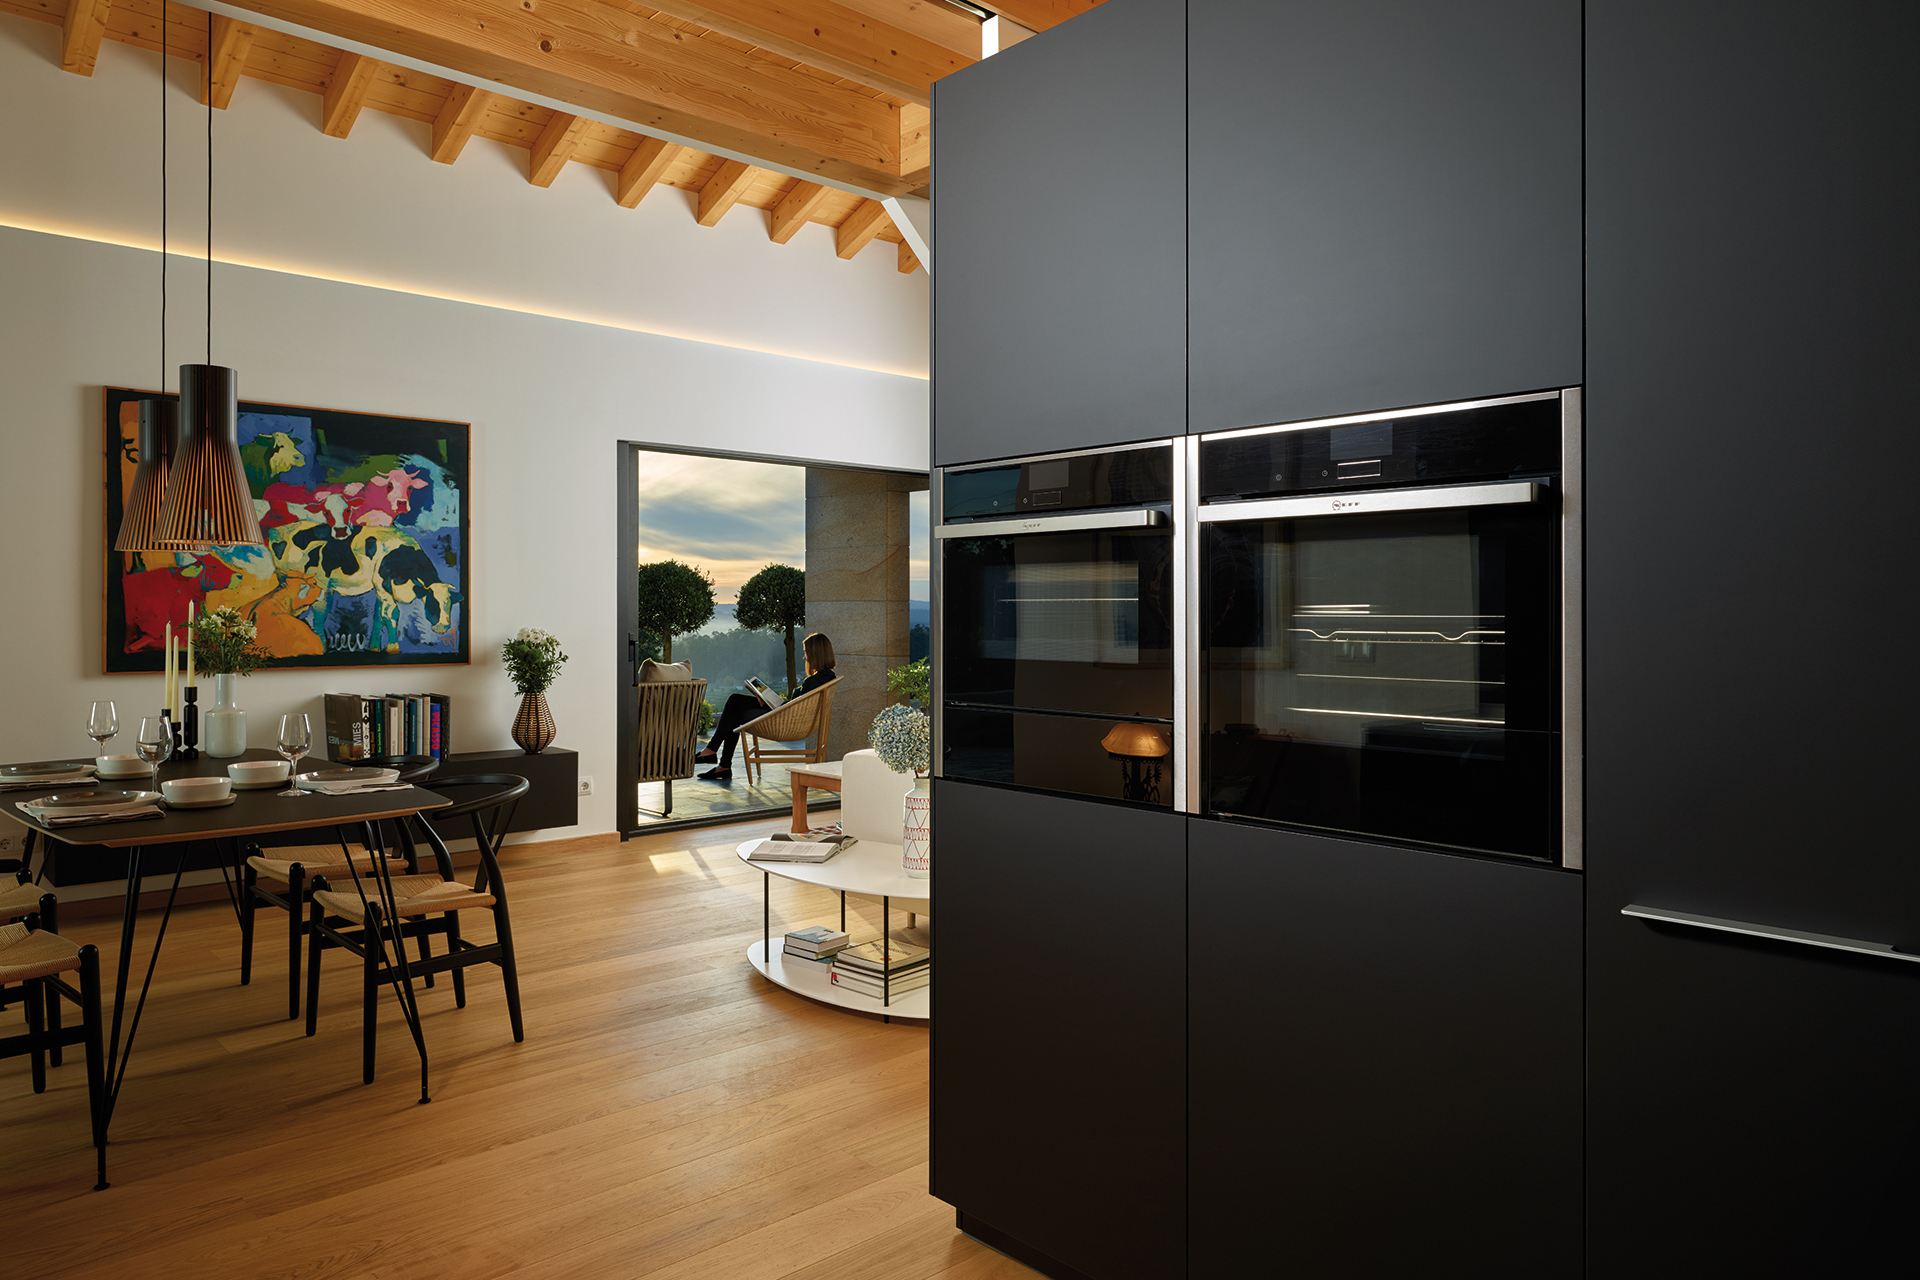 Cuisine noire ouverte sur le salon, équipée de meubles conçus par Santos